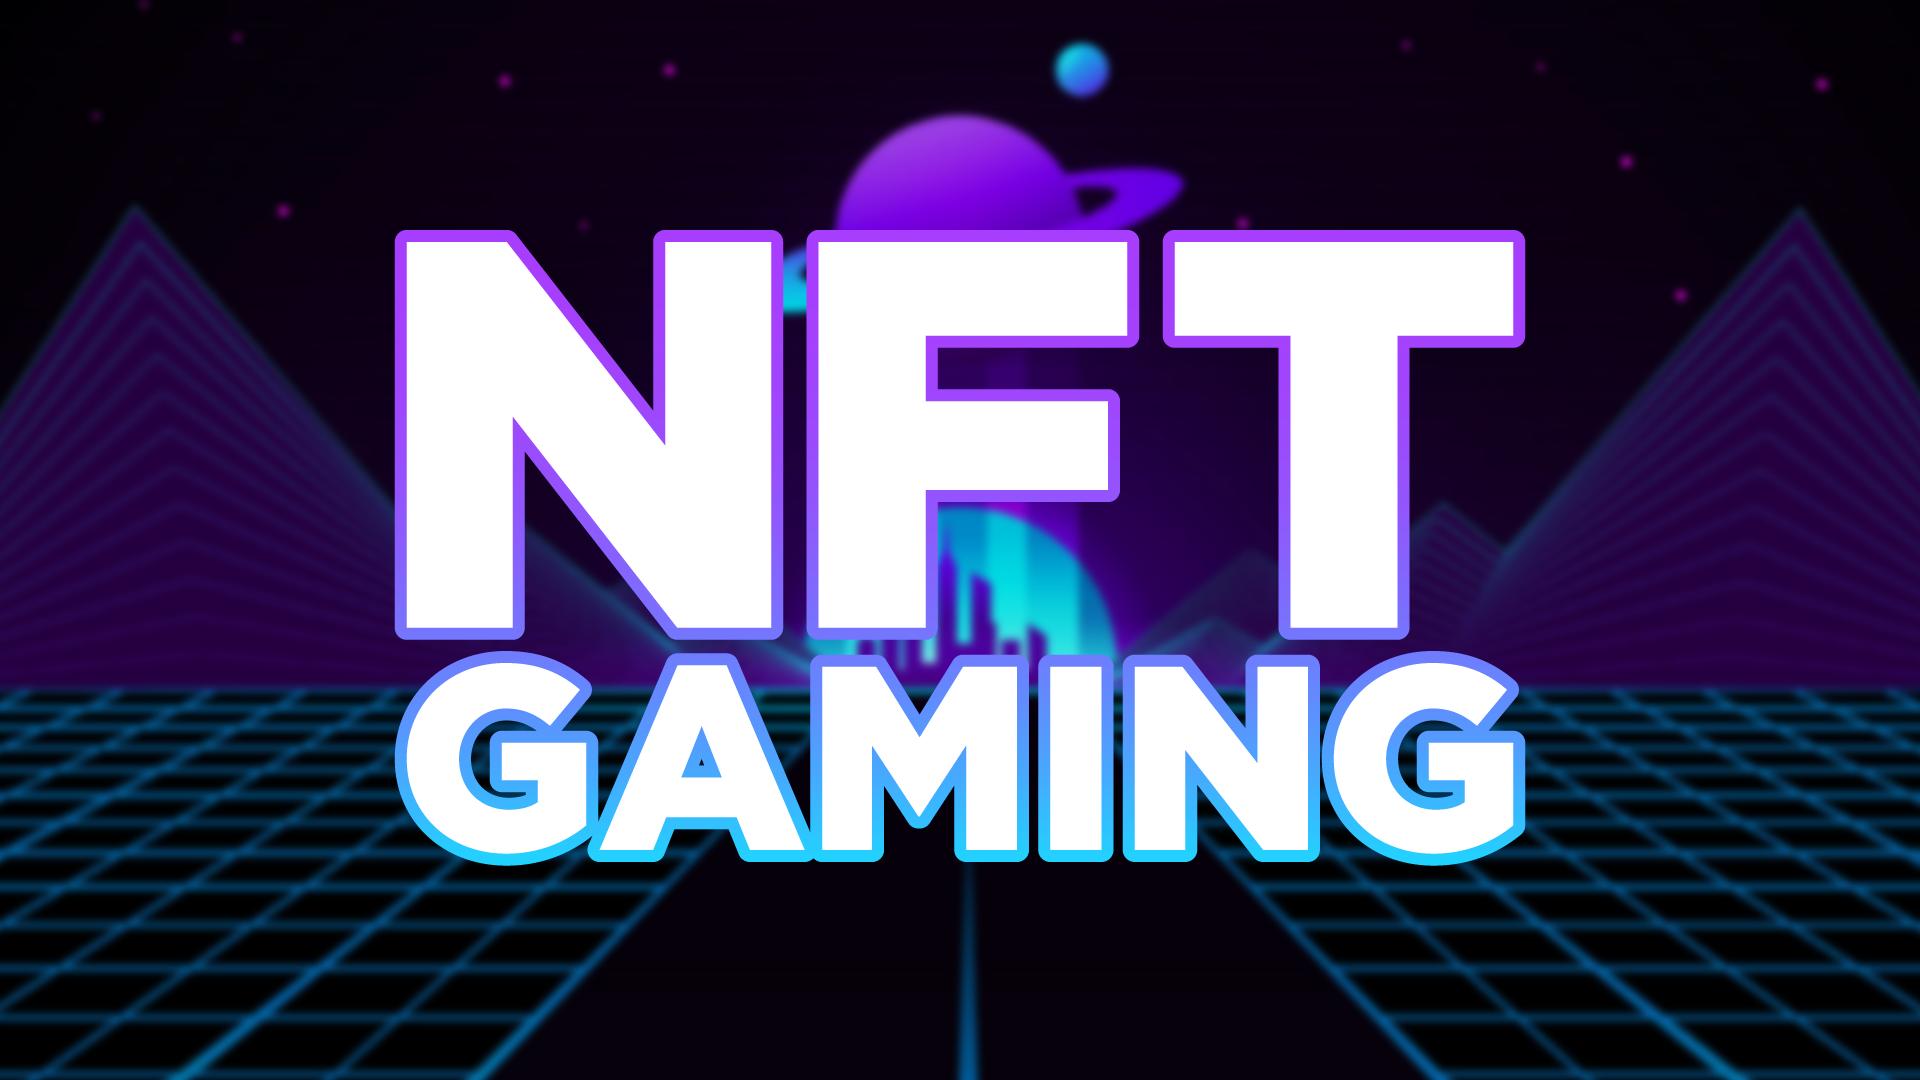 NFTb-gamingplatform hjælper spillere med at genkende sand værdi af aktiver i spillet